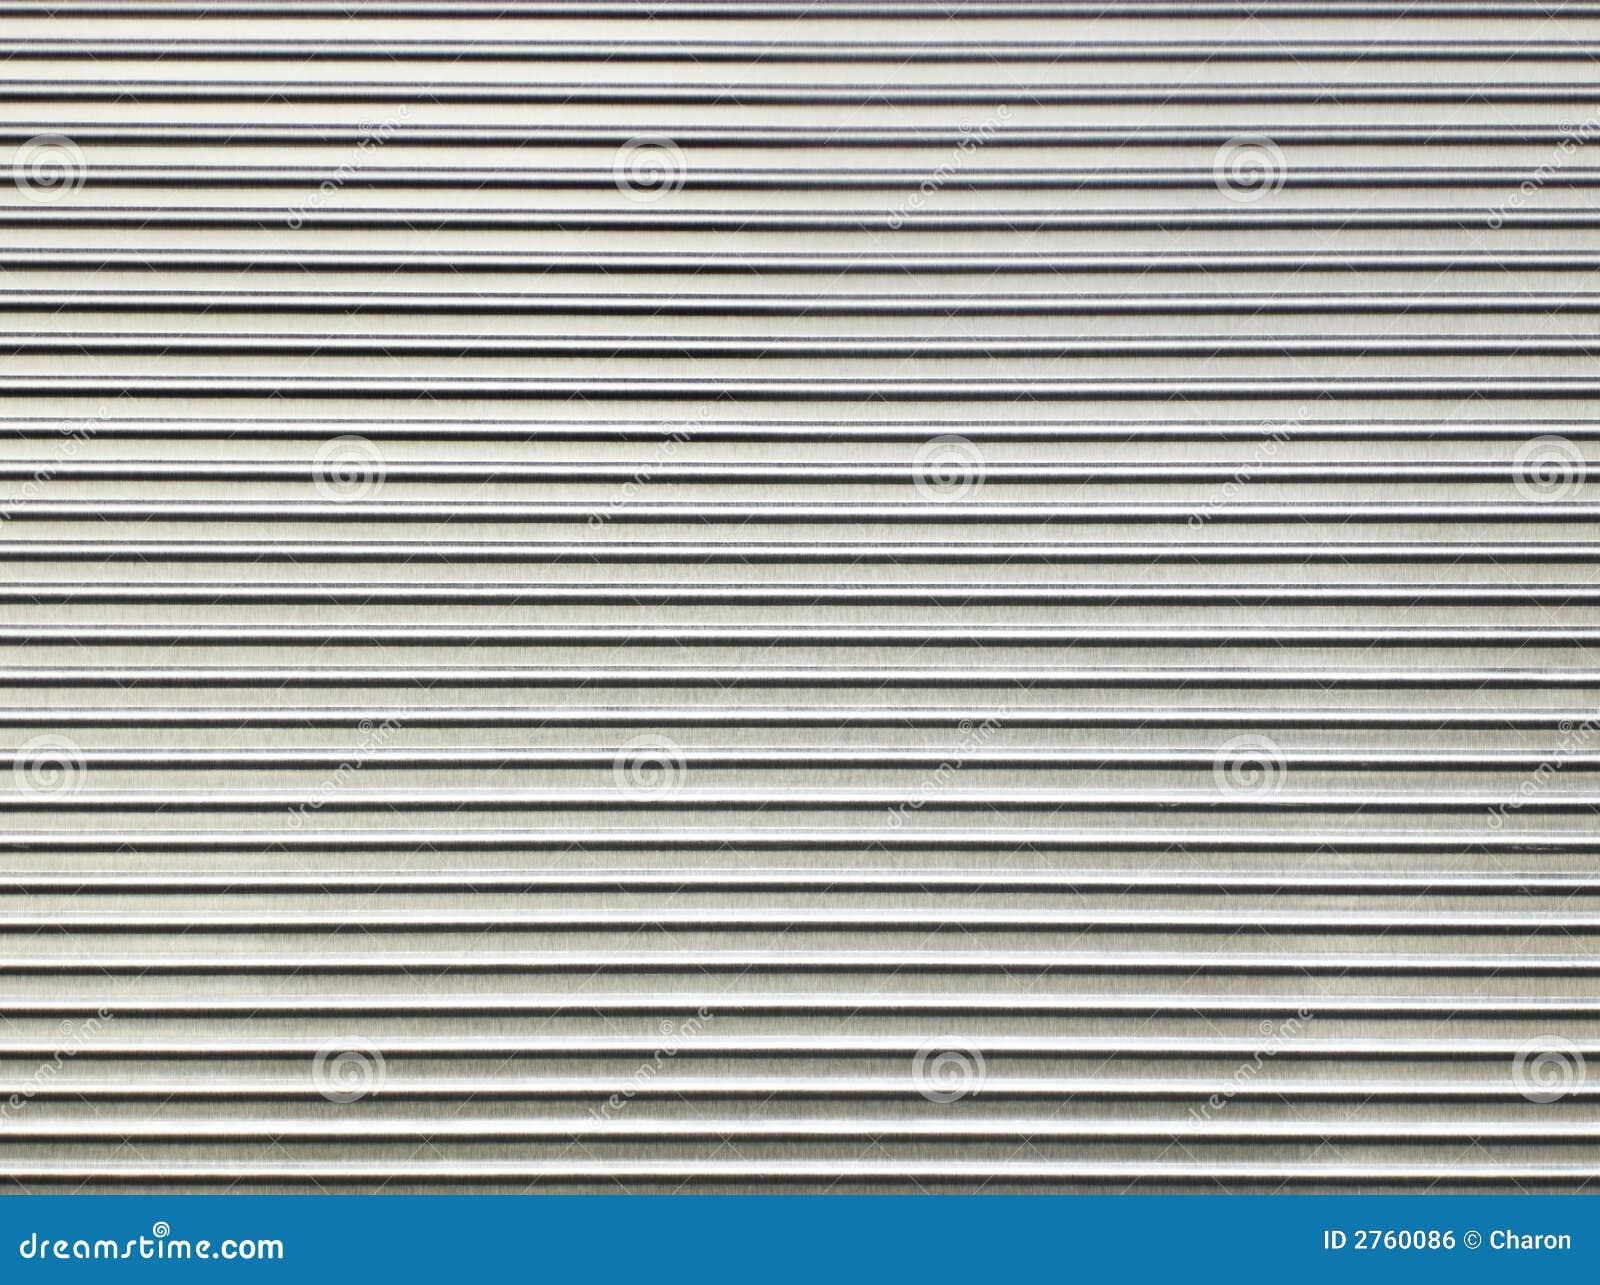 波纹状的模式板钢纹理